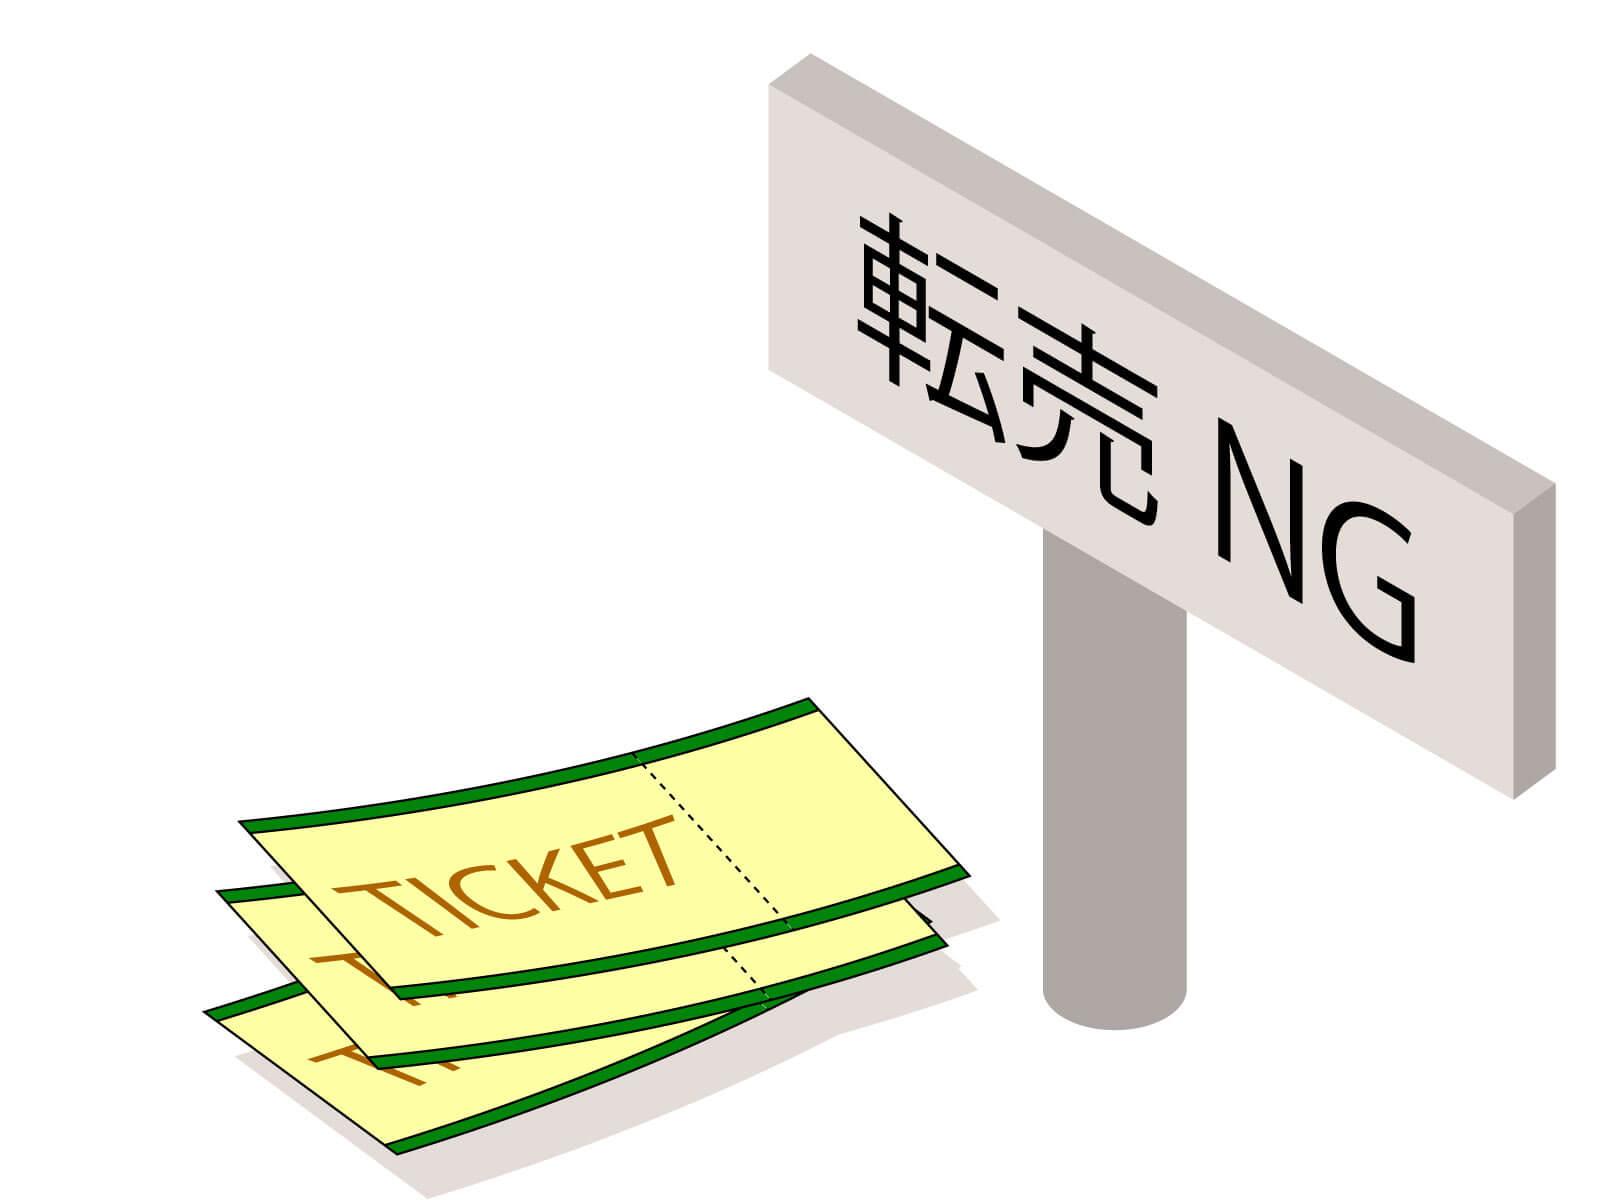 【チケット転売規制法】定価以下の転売も違法?罰則は?